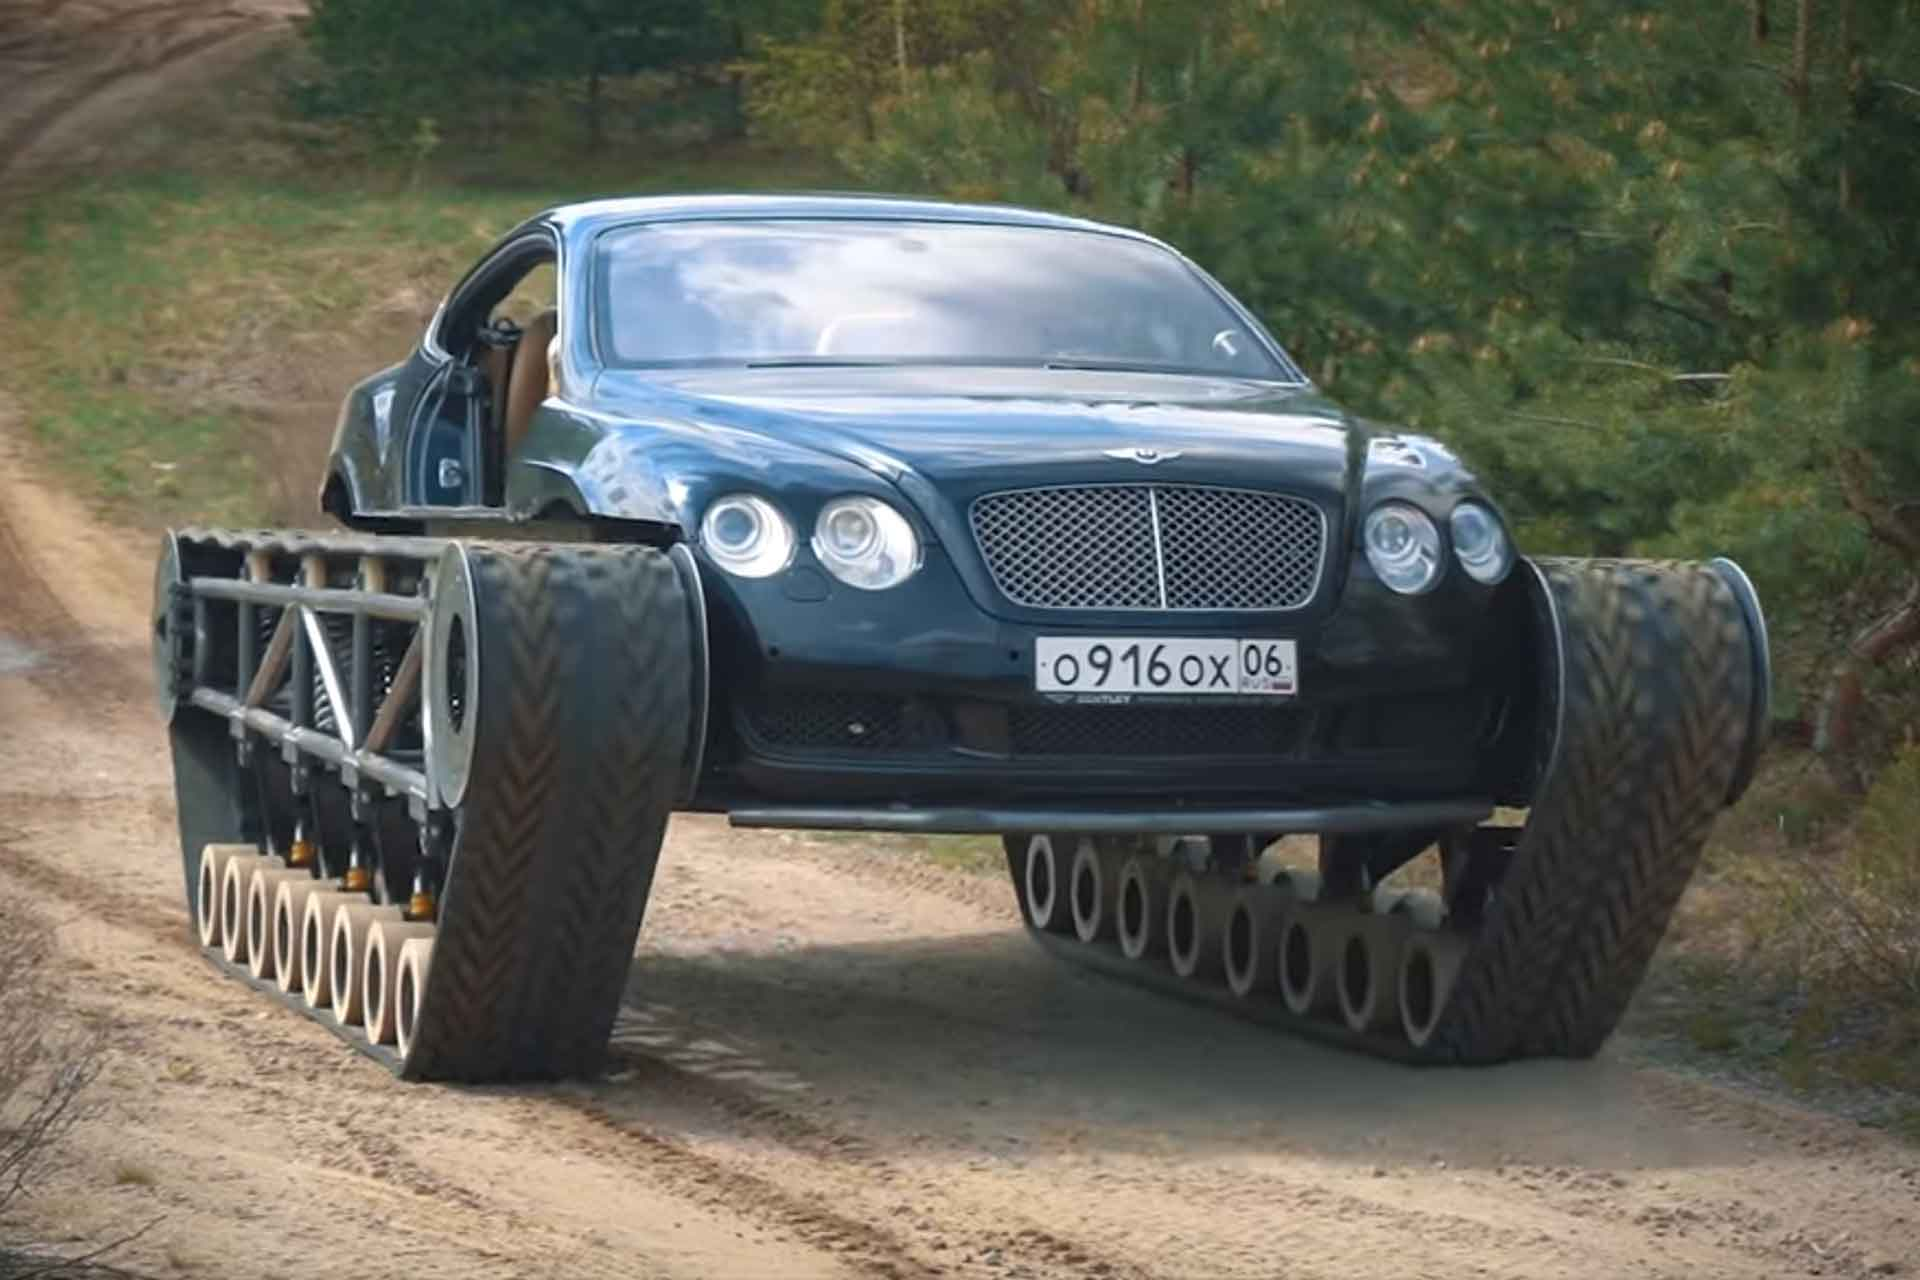 Ein Achtzylinder-Bentley auf Ketten: Youtuber baut Bentley Continental GT zum Panzer um 1